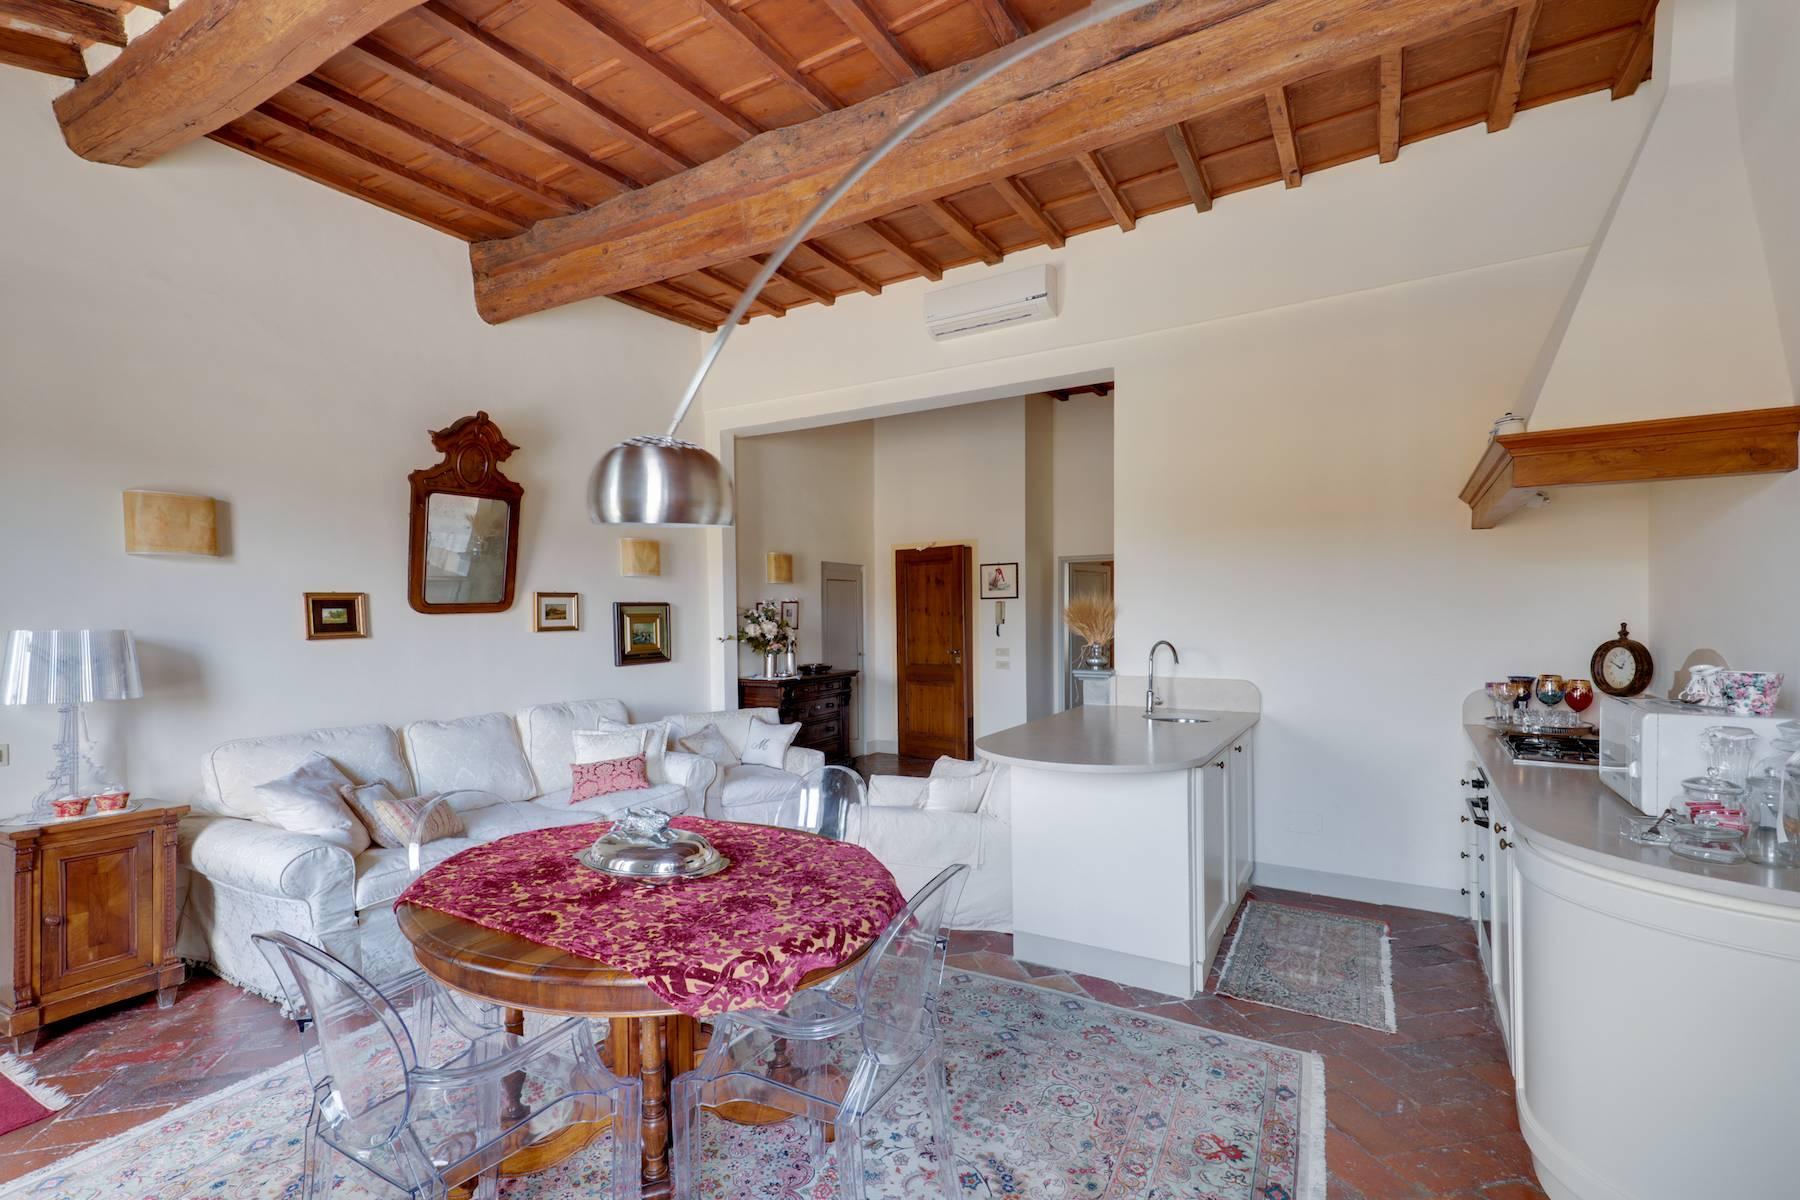 Appartamento in Vendita a Firenze: 4 locali, 90 mq - Foto 2